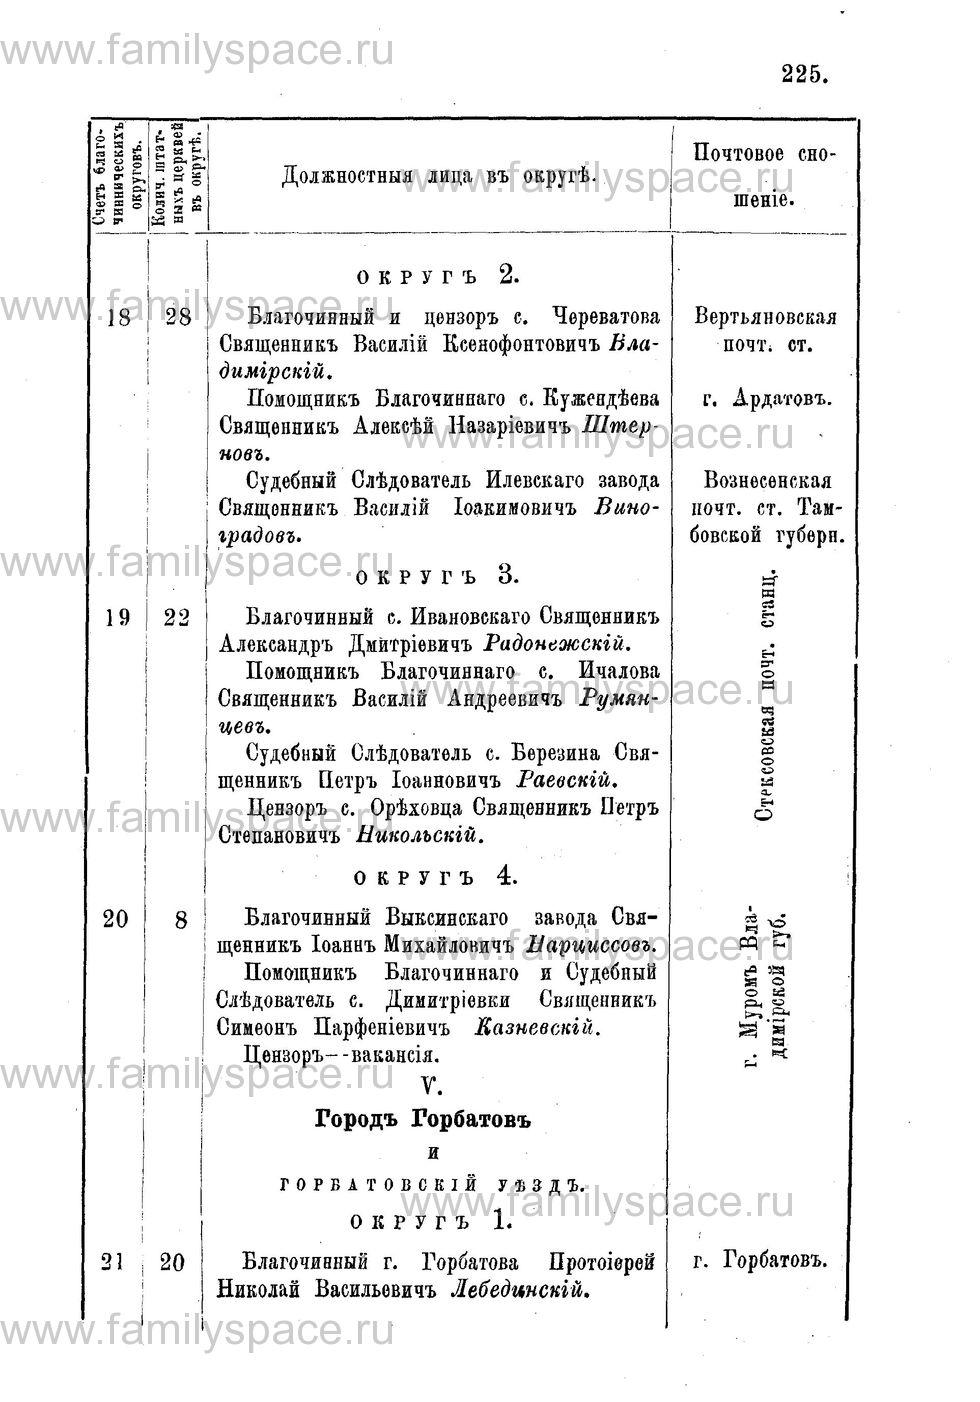 Поиск по фамилии - Адрес-календарь Нижегородской епархии на 1888 год, страница 1225